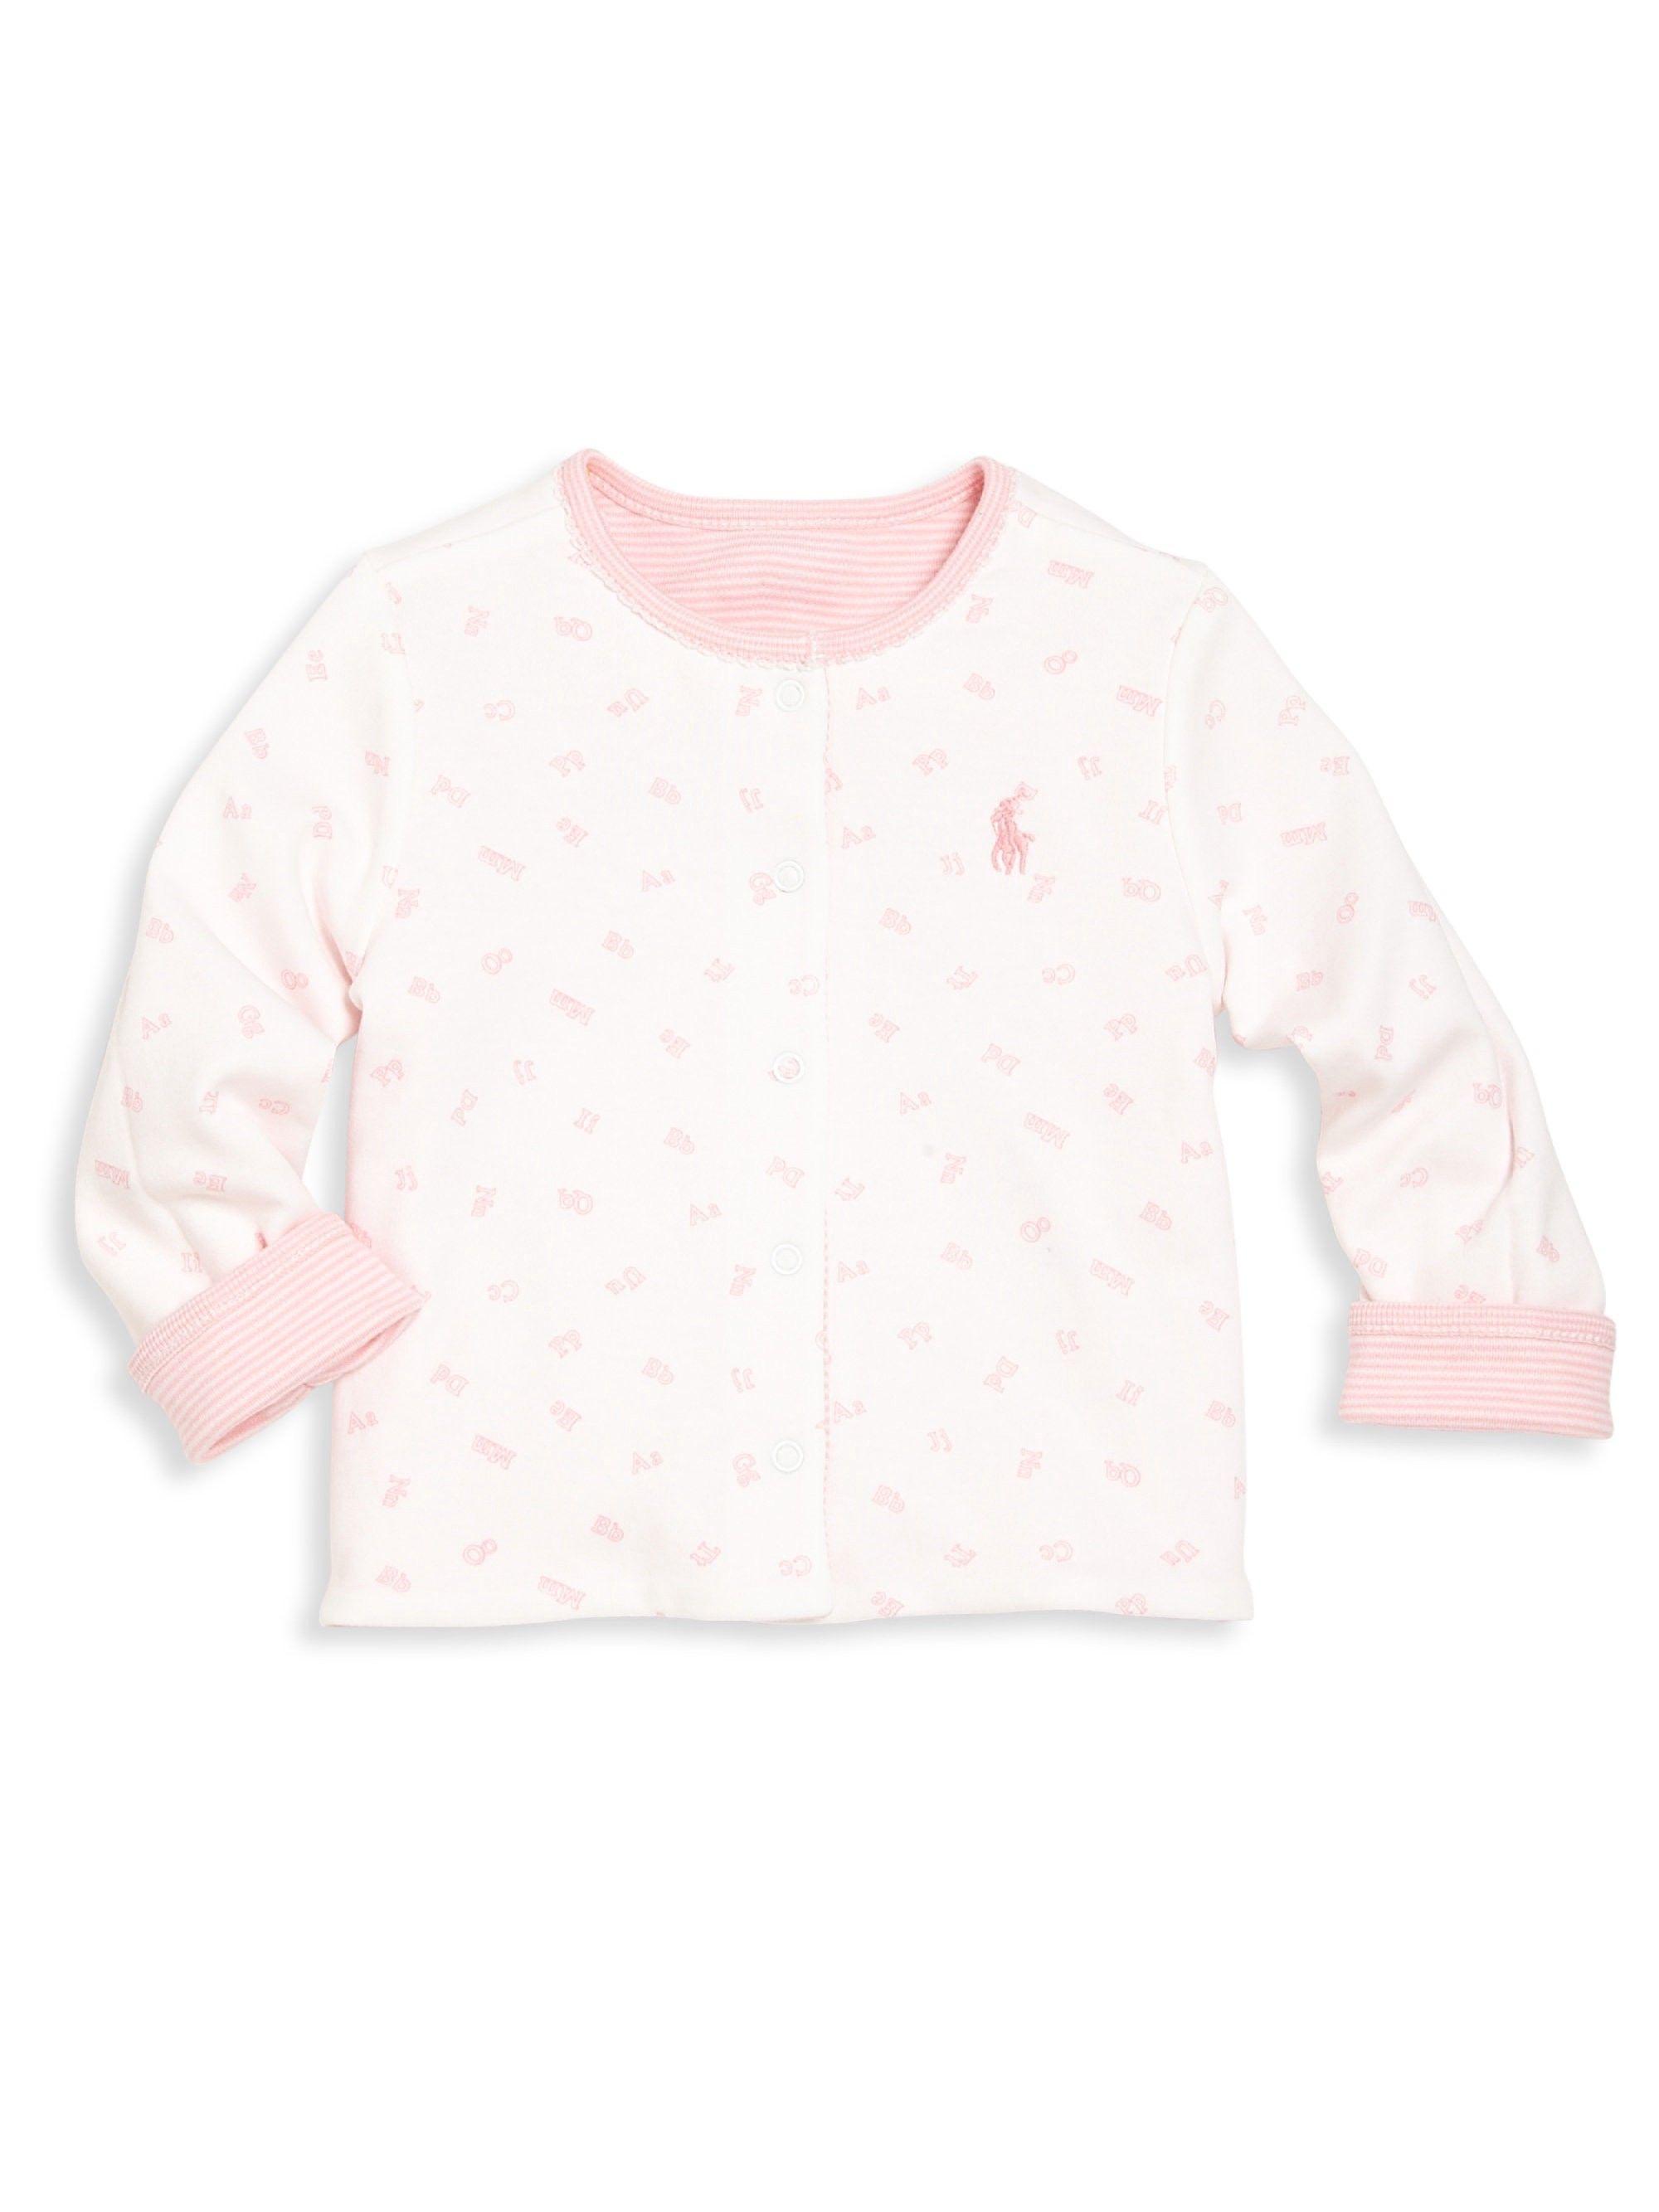 aff102ee3 Ralph Lauren Baby s Reversible Cardigan - Fresh Pink 12 Months ...